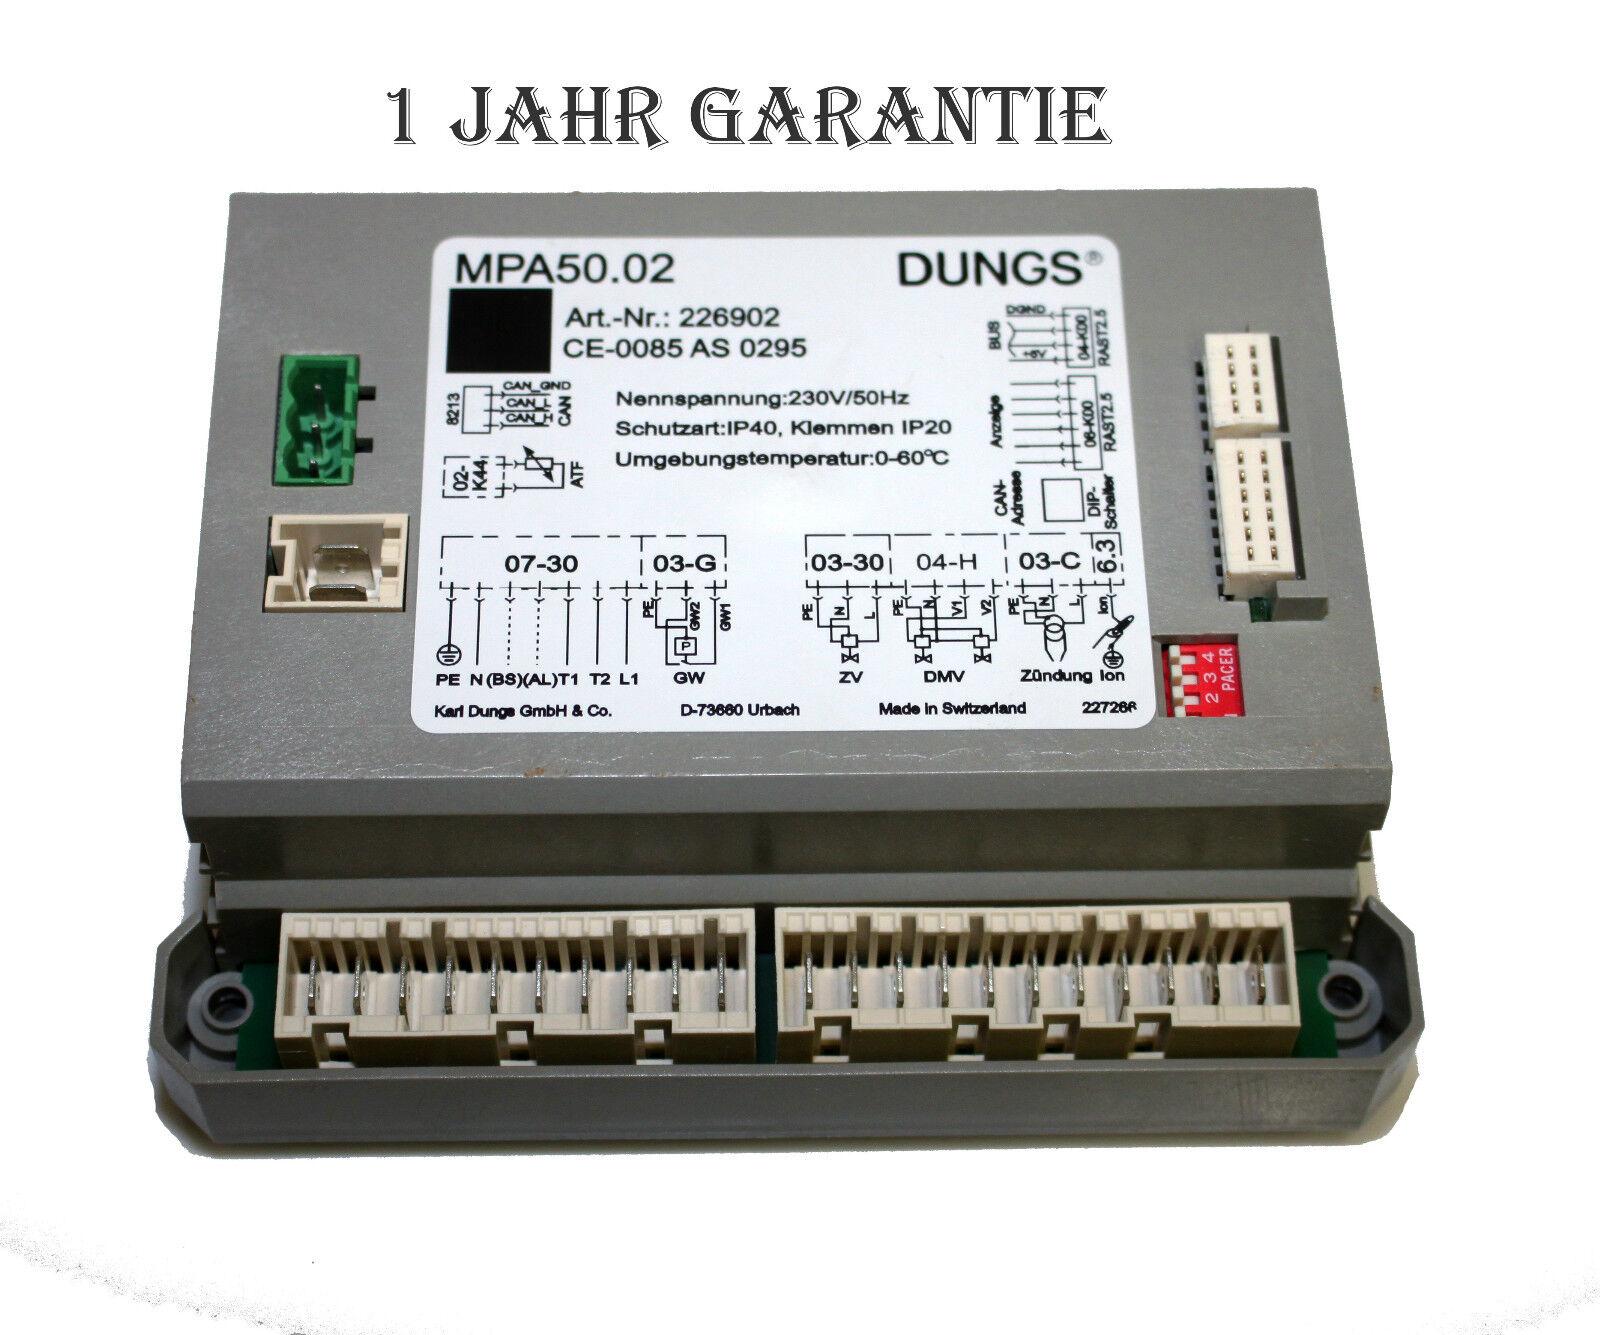 Dungs MPA50.02 - Gas Feuerungsautomat   MPA 50.02   Art.Nr. 226902